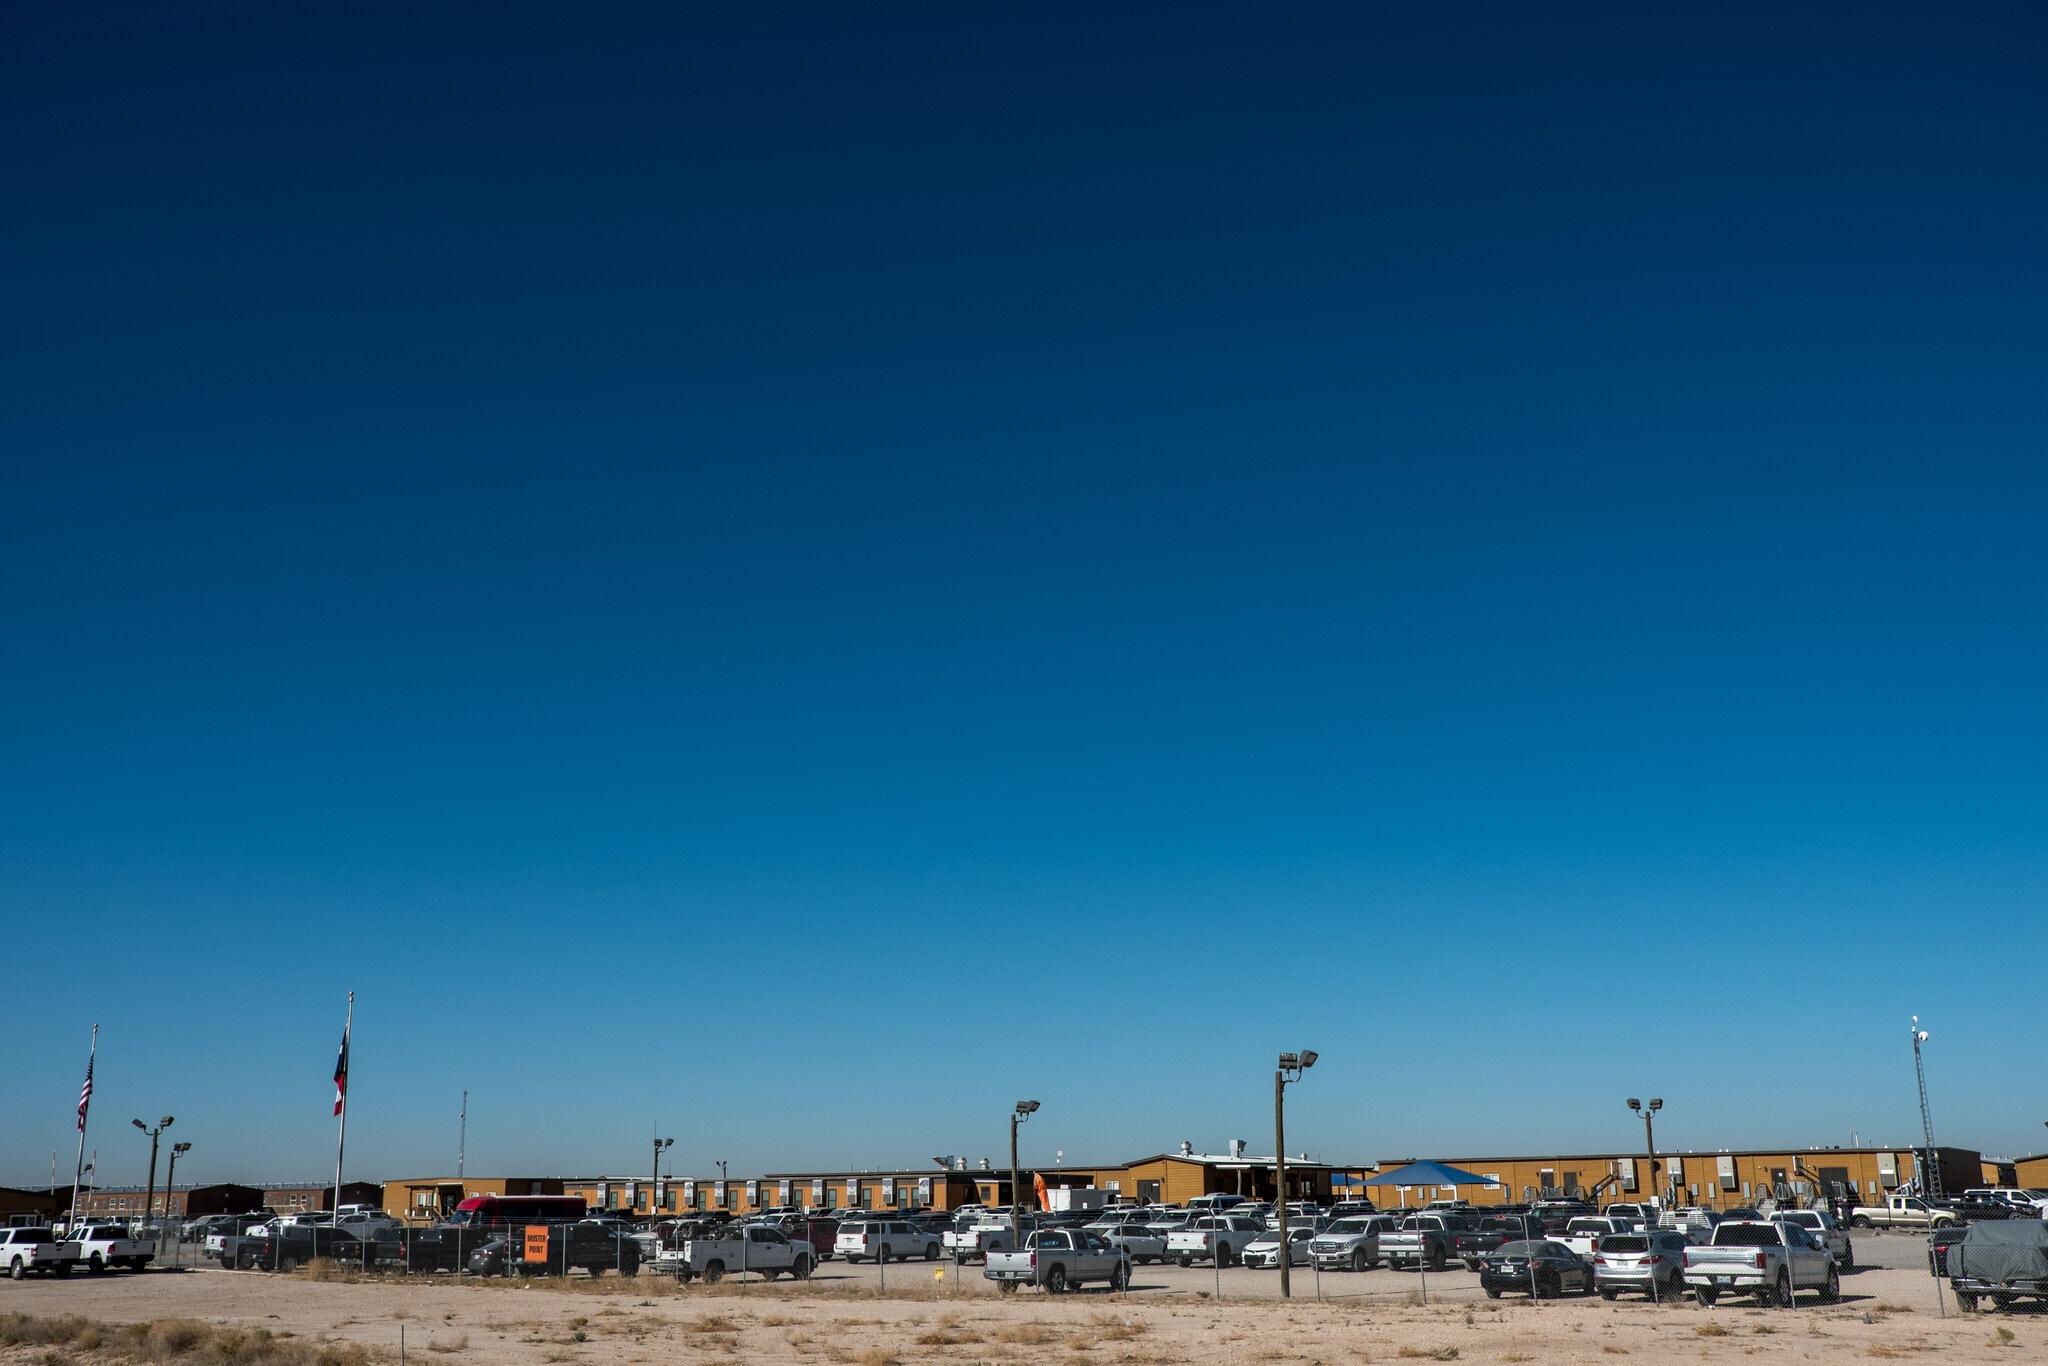 欧博在线官网(allbetgame.us):美国最后一个零确诊的县城陷落:位于沙漠 住民不到200人